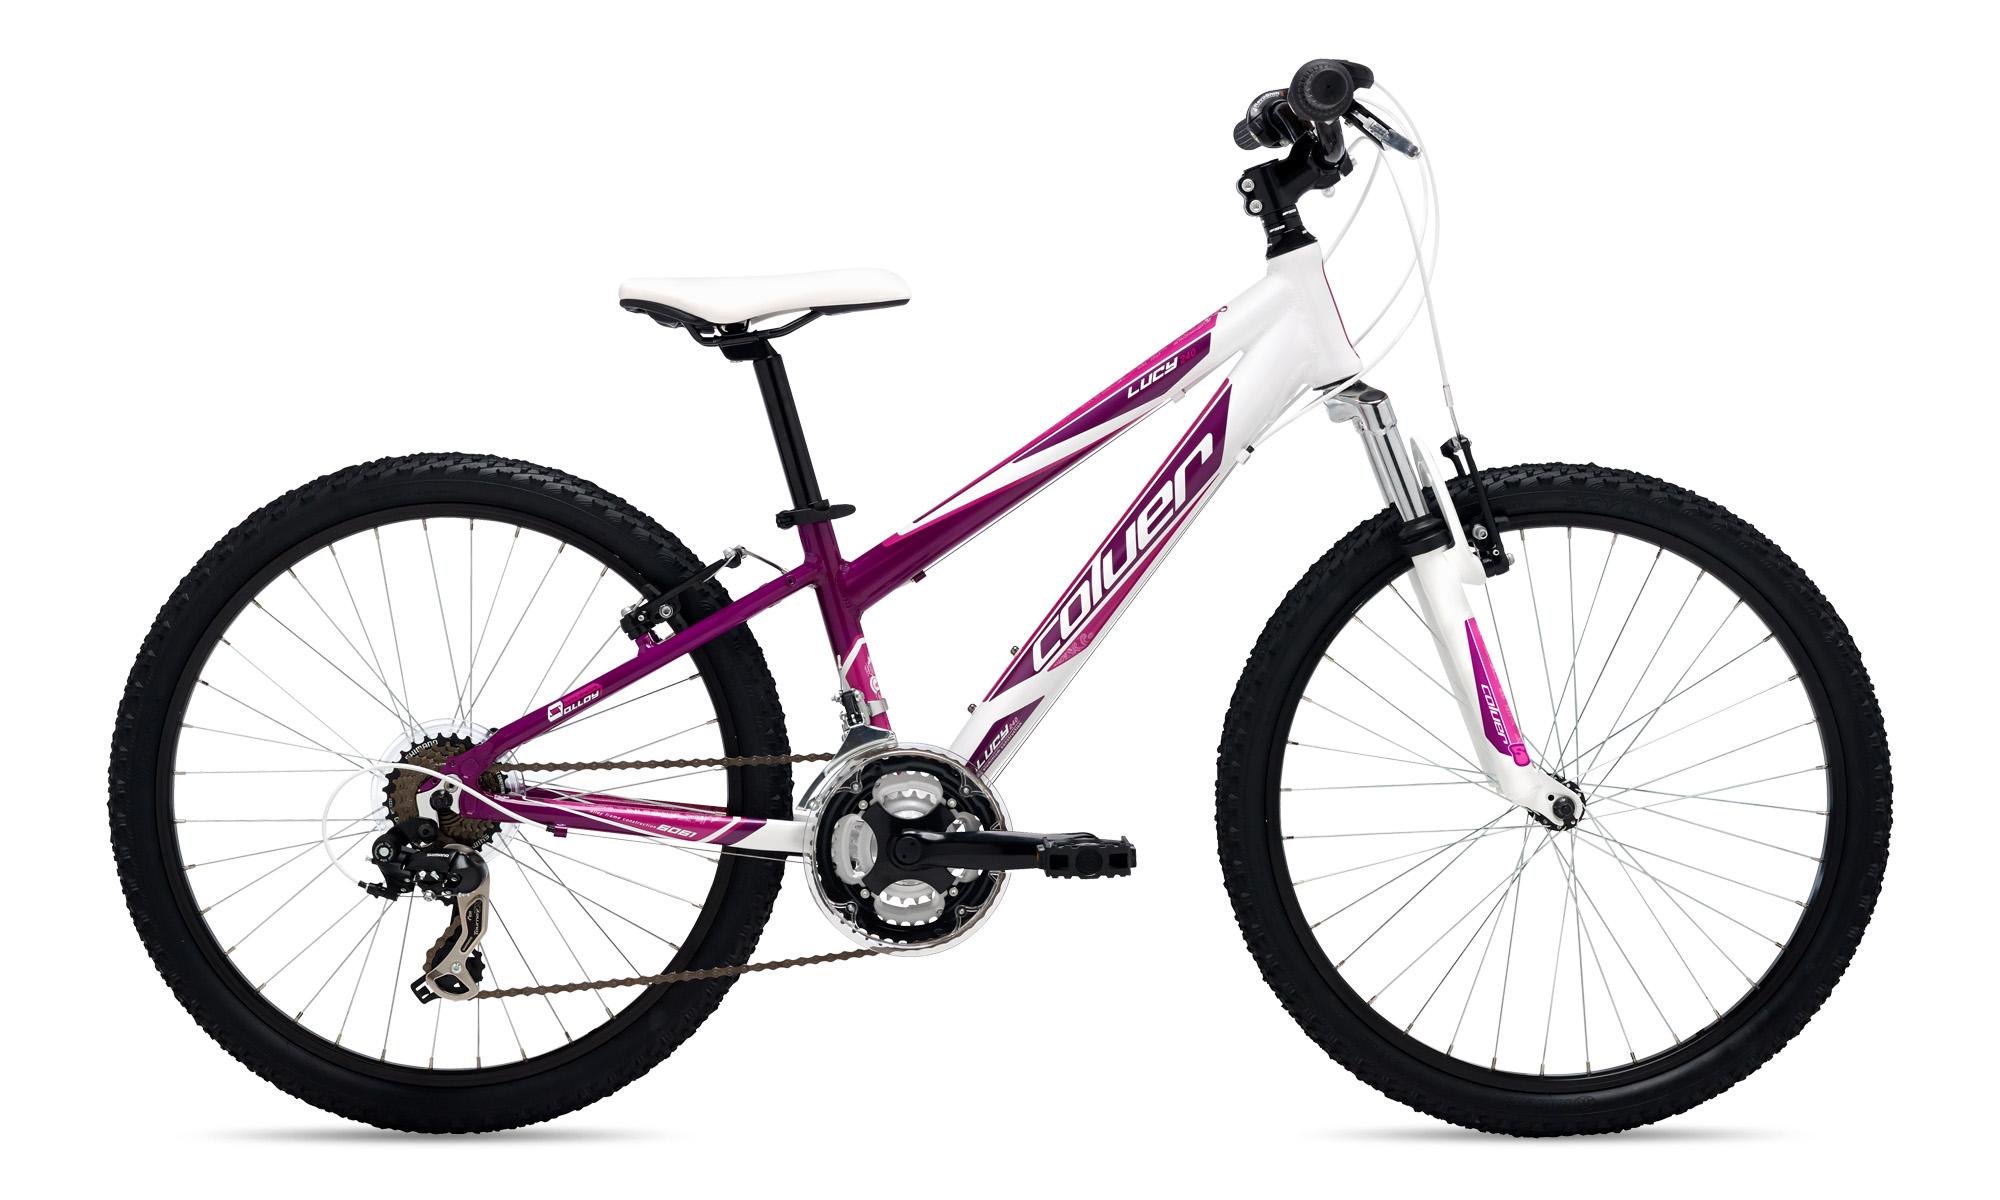 Bicicleta niña 24 Coluer Lucy hs | Ciclomania